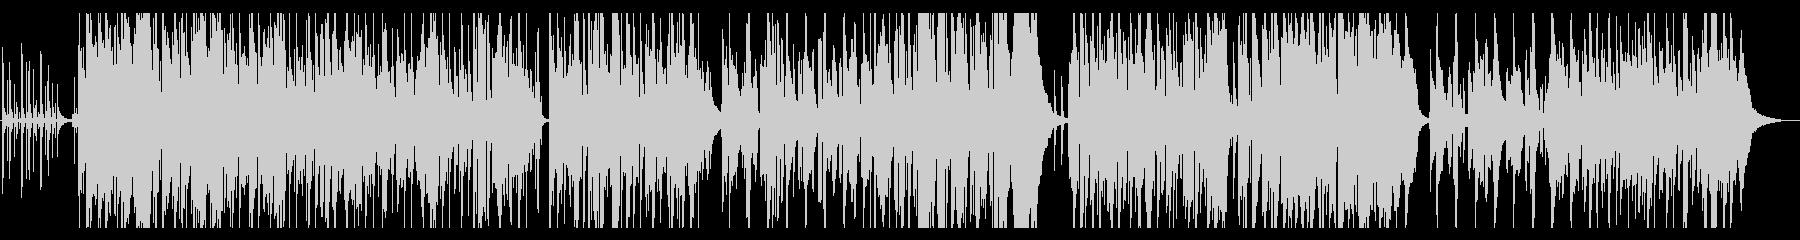 ノラジョーンズ風なダークなラブバラードの未再生の波形